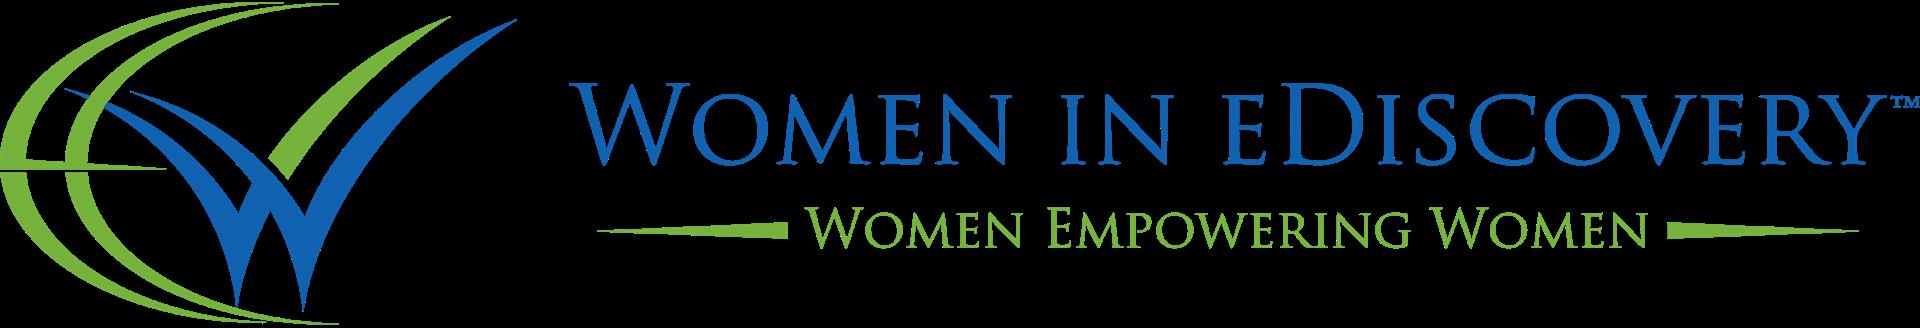 Women in e-Discovery (WiE)